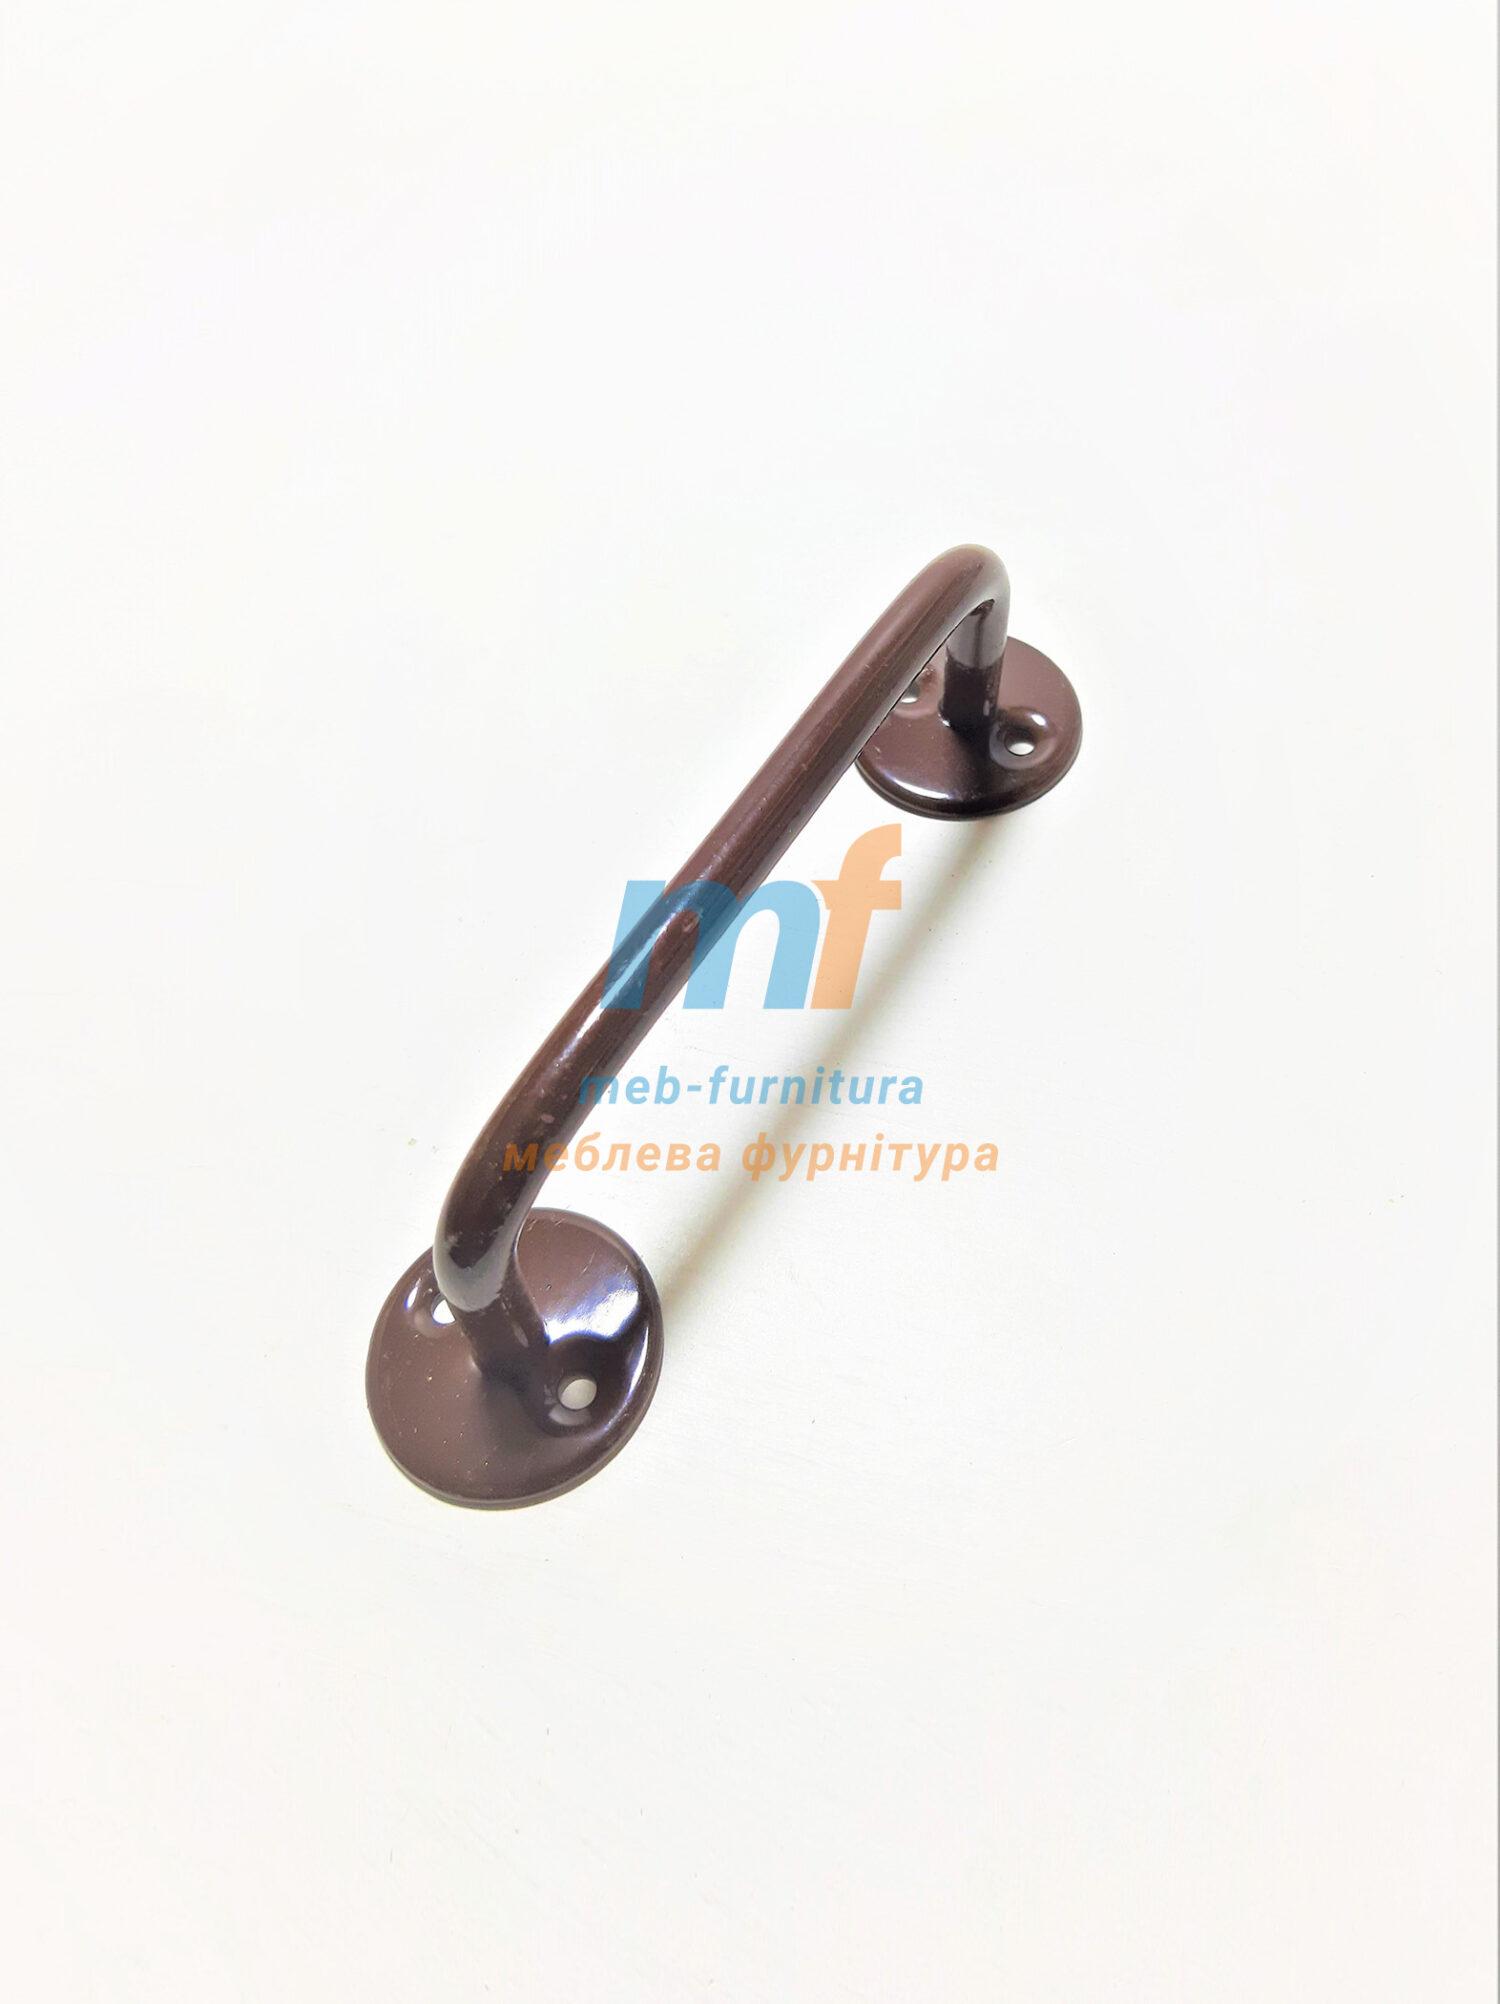 Ручка скоба РС-100 коричневая (под Симферополь)